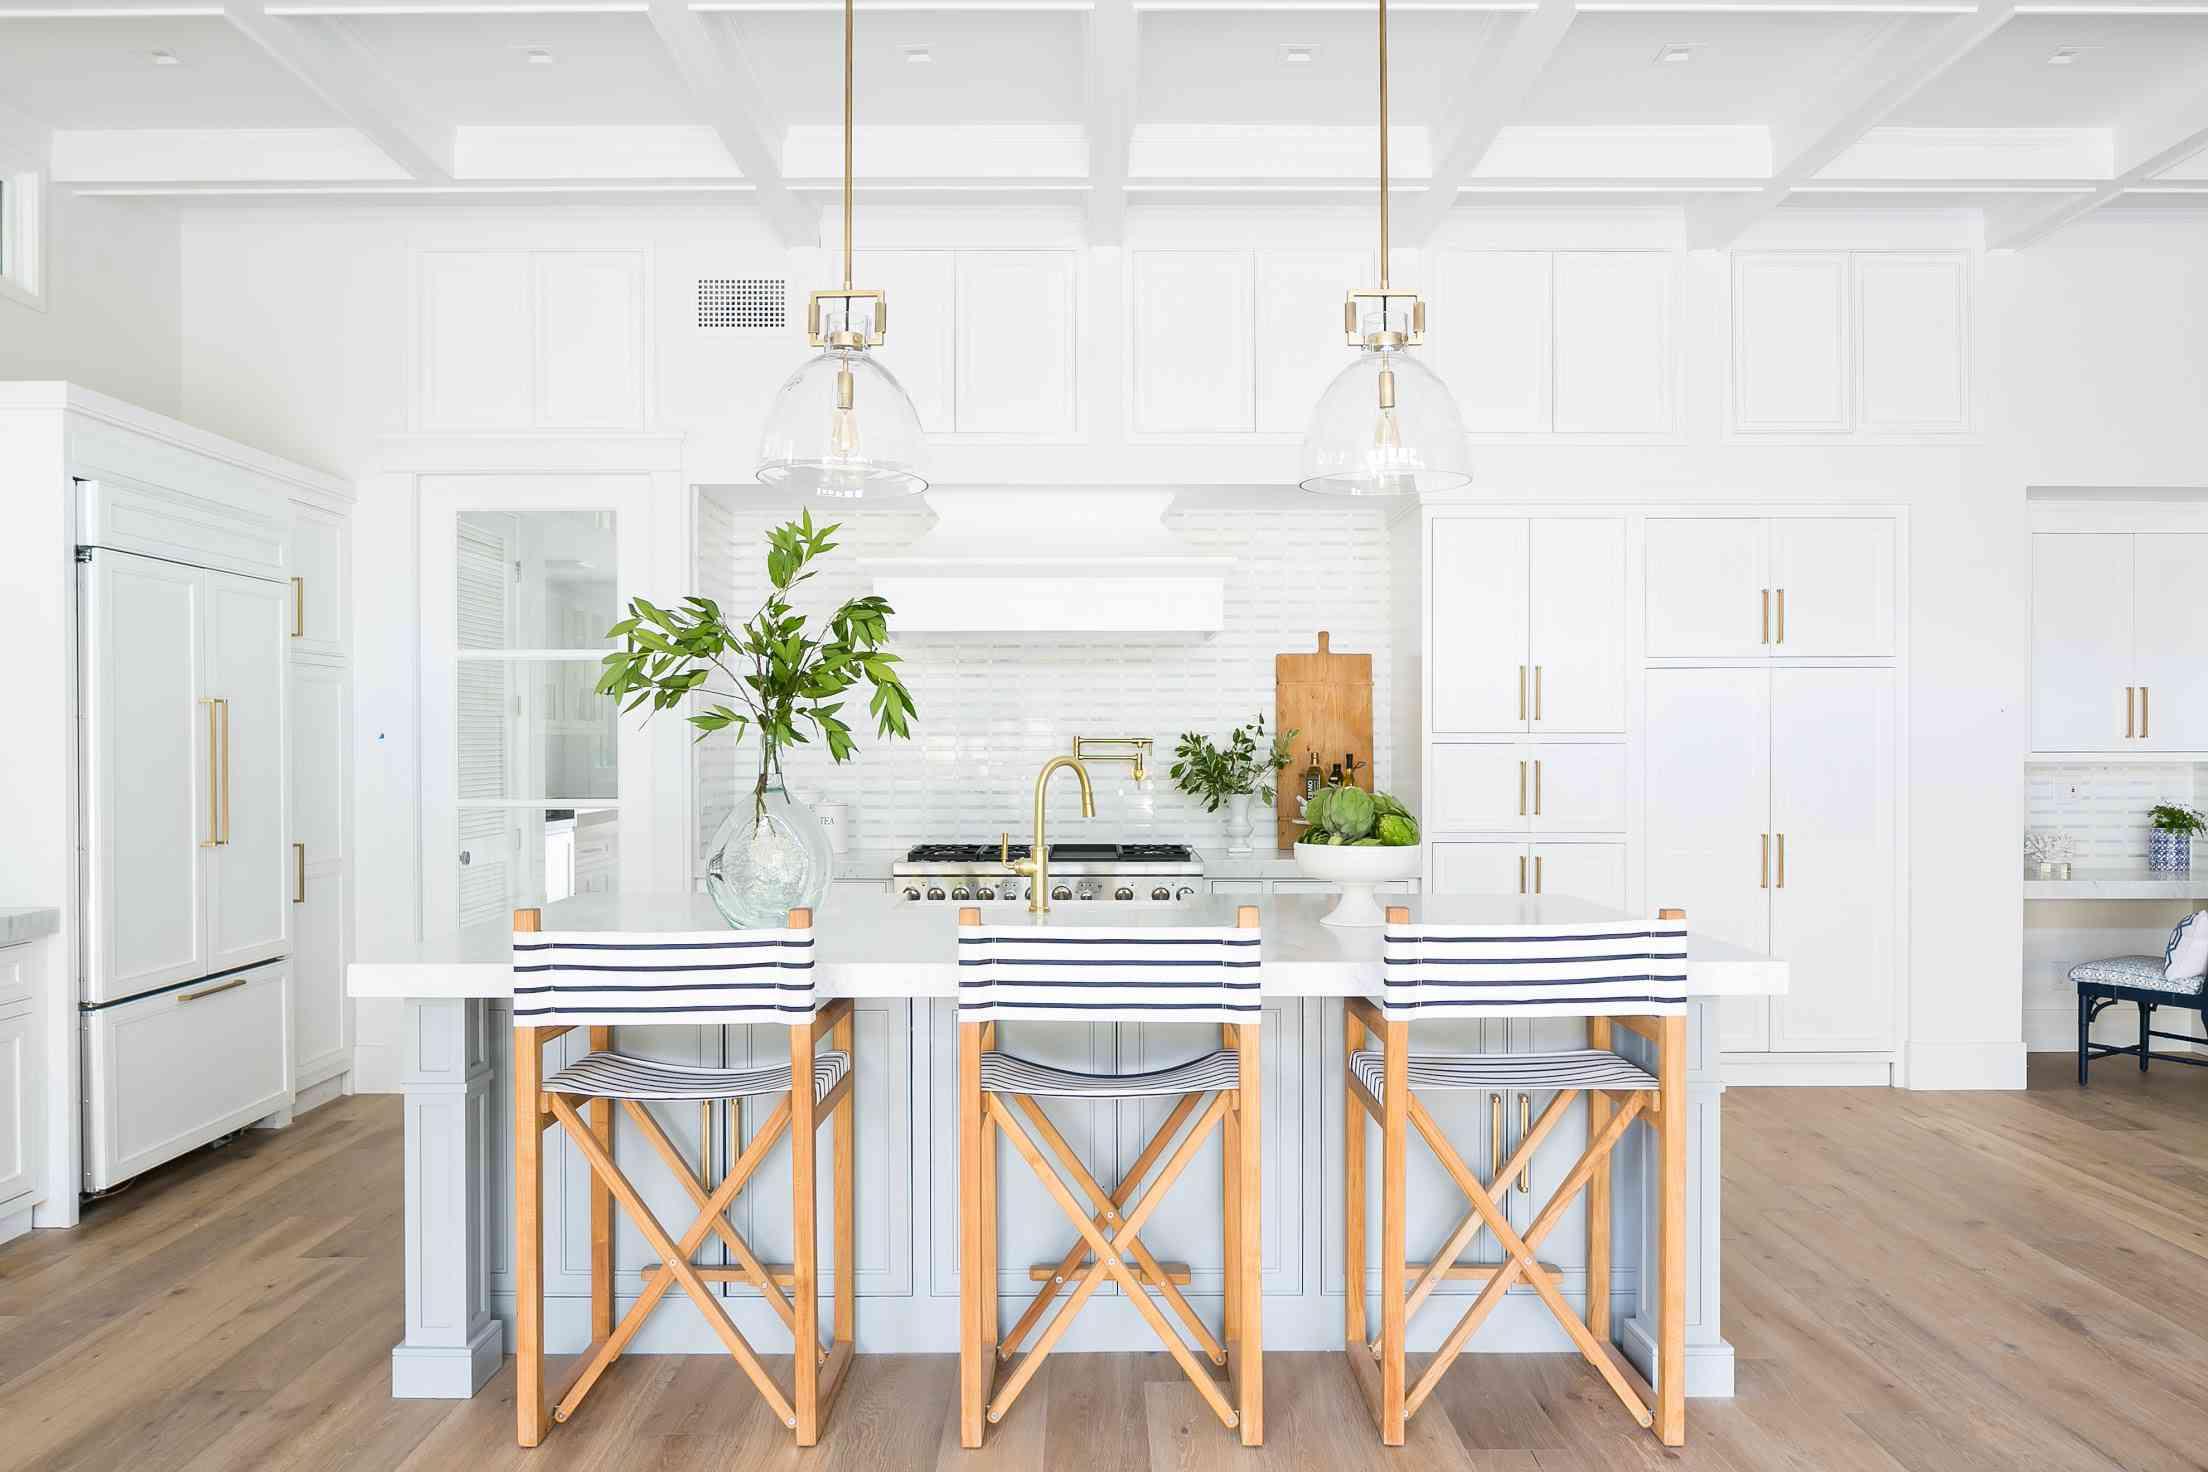 coastal-like dining kitchen area with coastal design elements